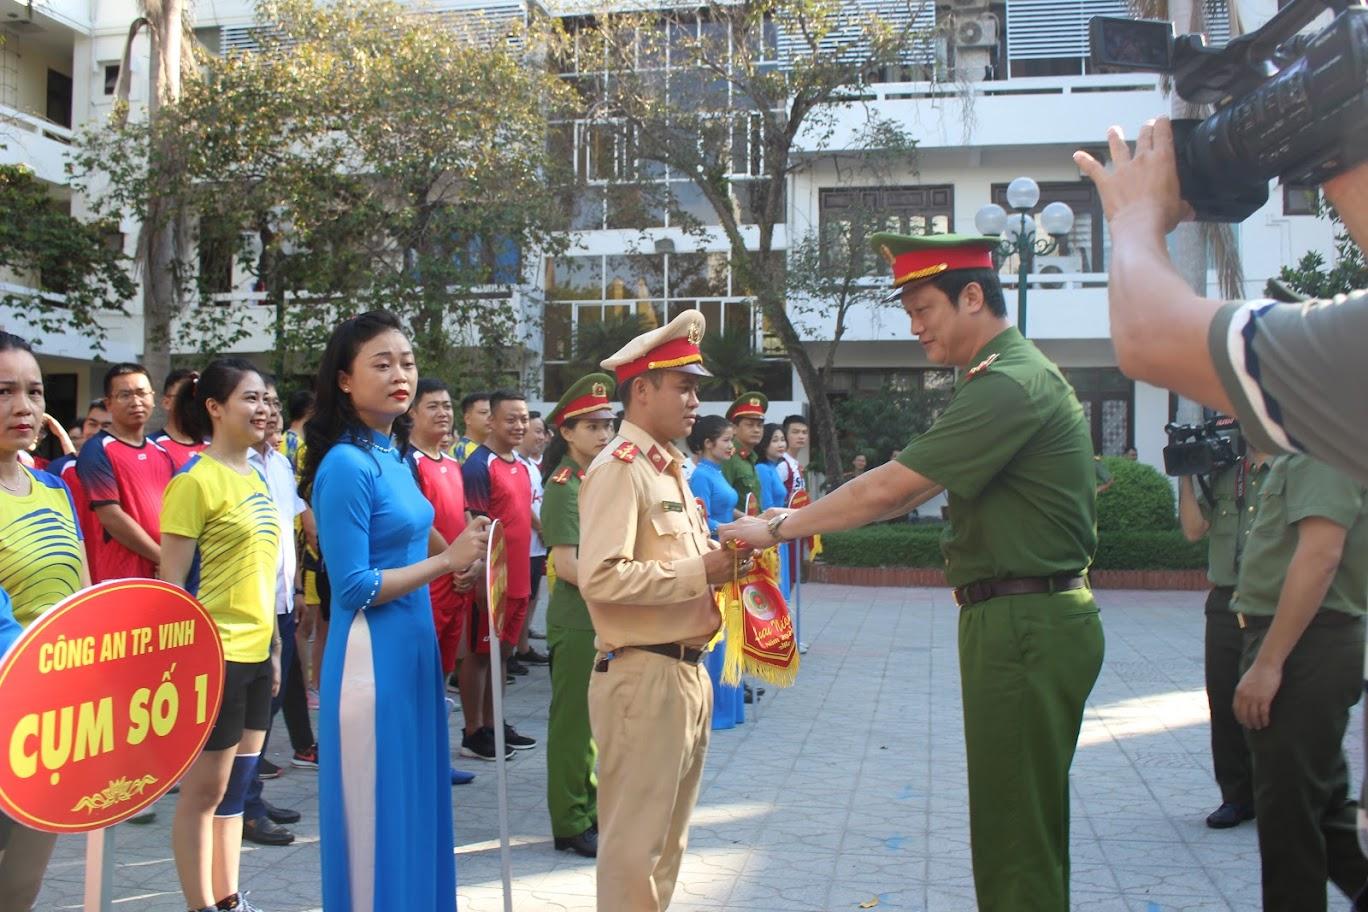 Các  đồng chí:  Đại tá Nguyễn Mạnh Hùng, Phó Giám đốc Công an tỉnh và Thượng tá Nguyễn Đức Cường, Trưởng Công an thành phố tặng cờ cho các đội tham gia thi đấu.